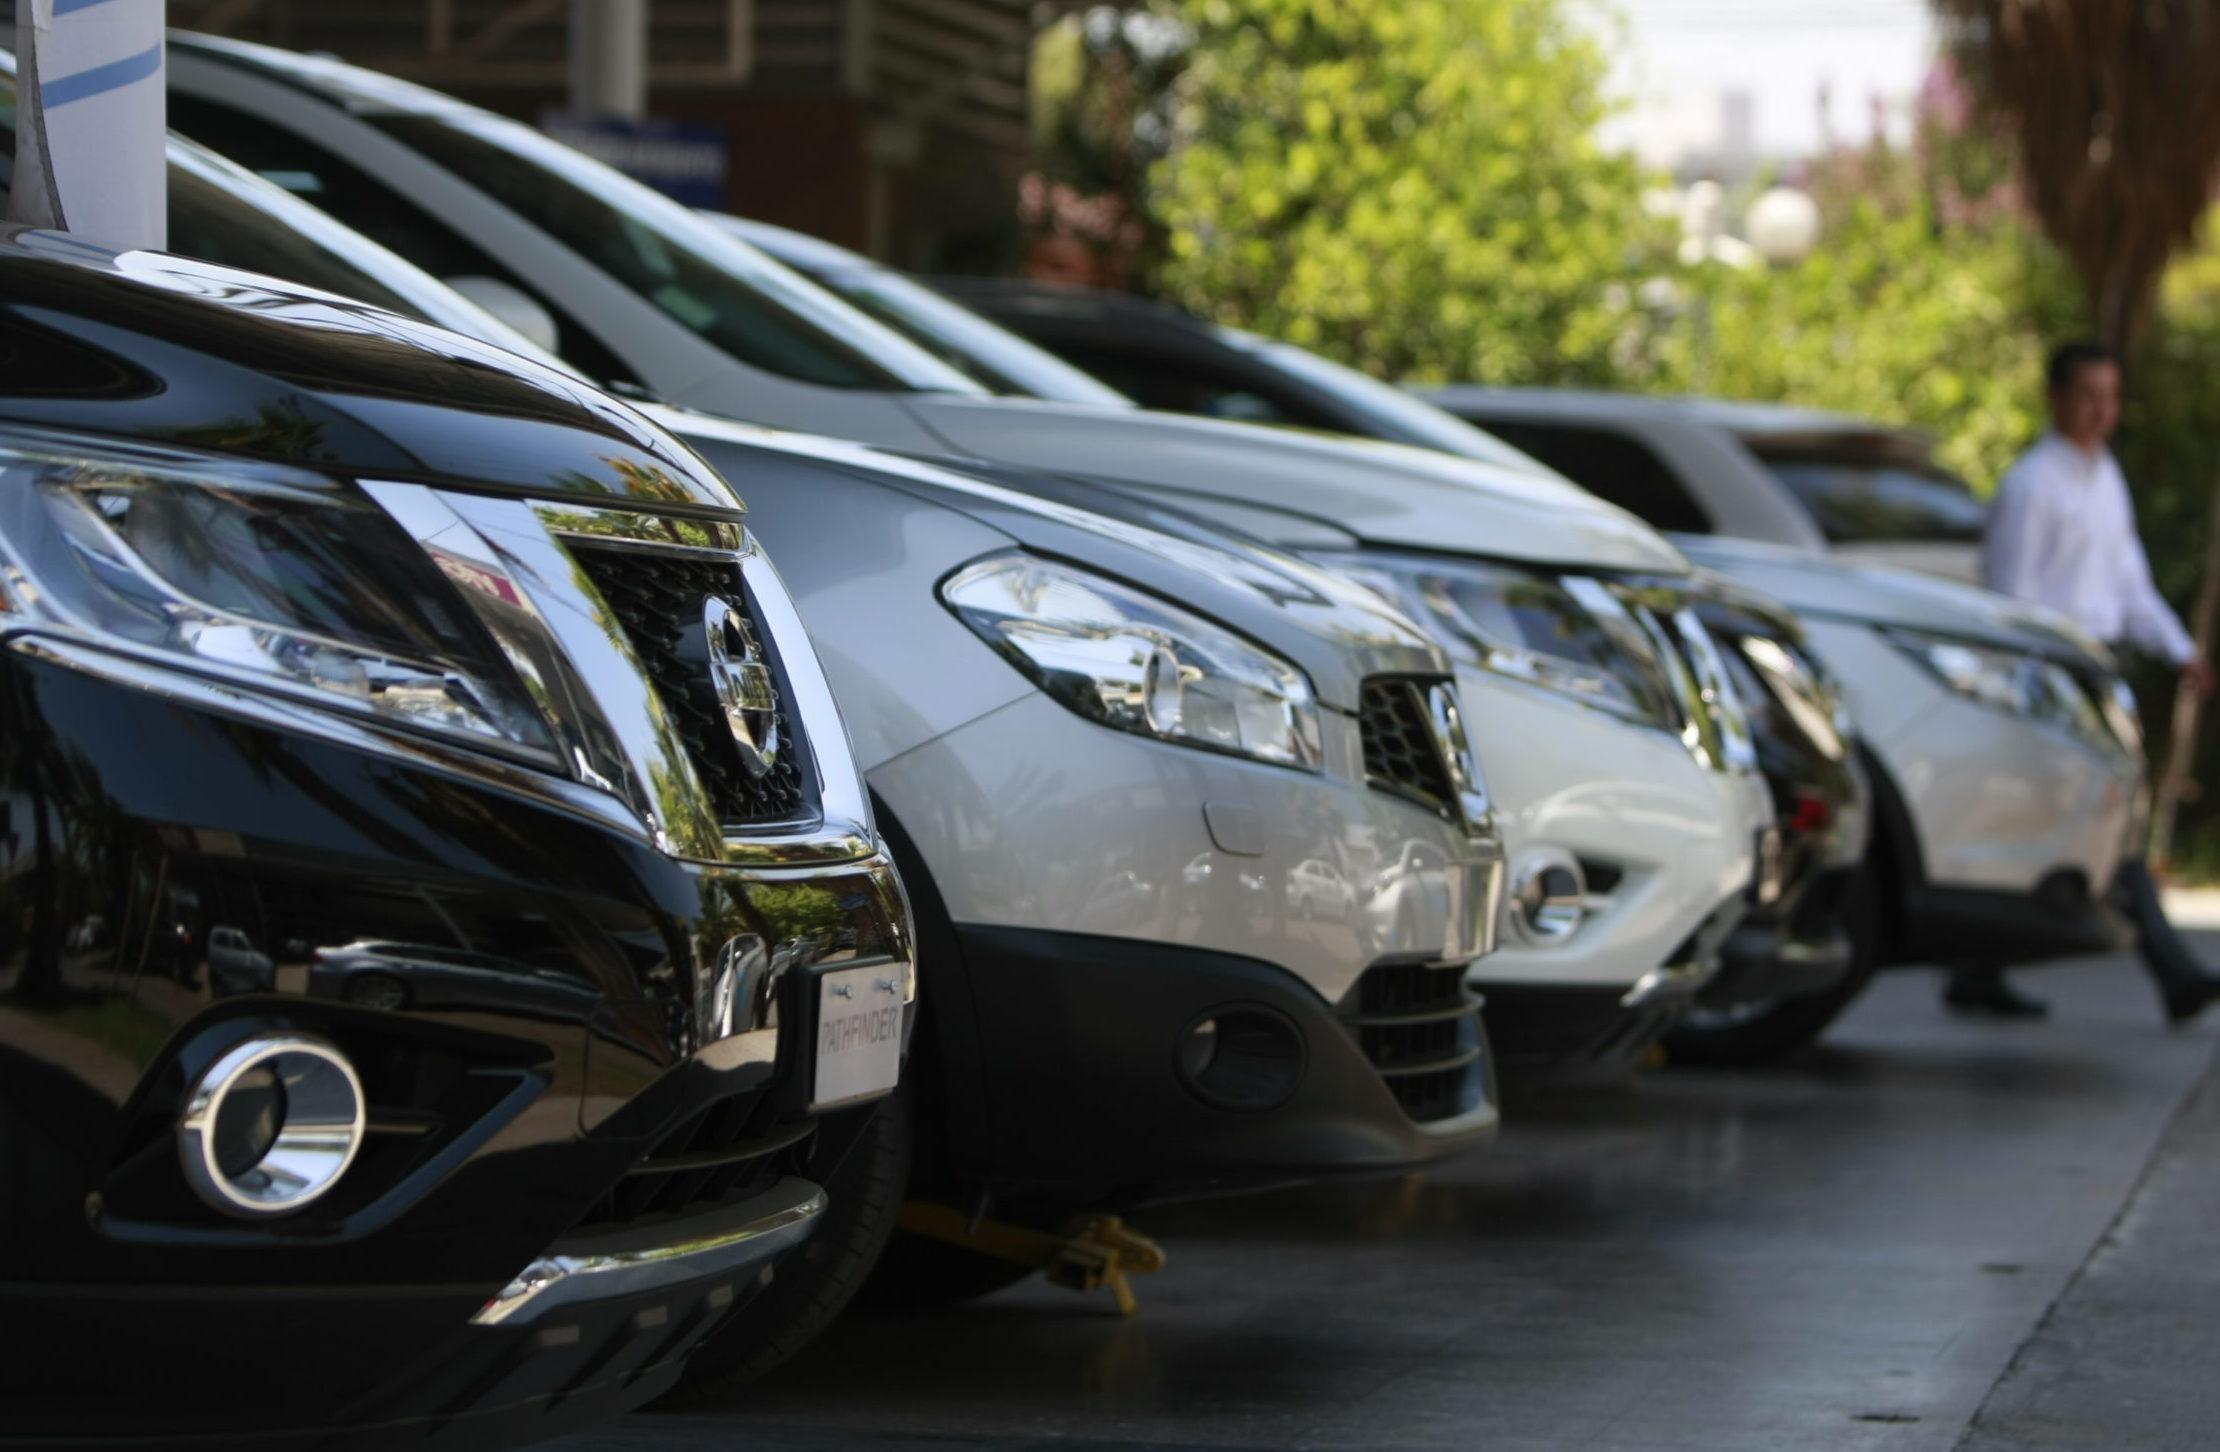 Tenían las llaves puestas: roban 10 autos de un rent a car en Santiago